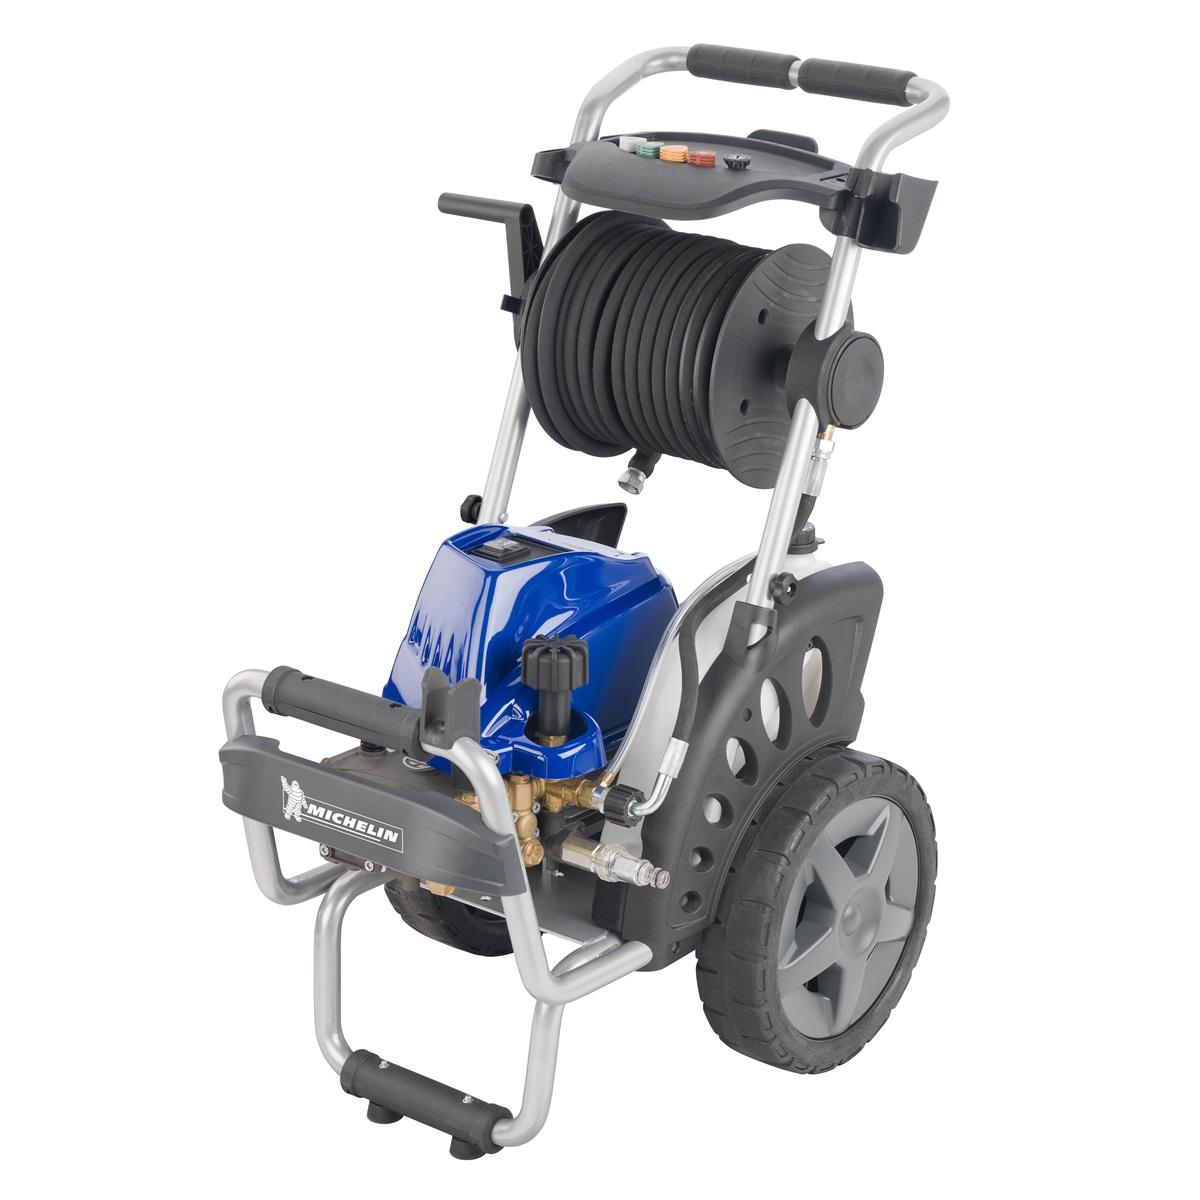 Michelin MPX 150 HDC (RLW)